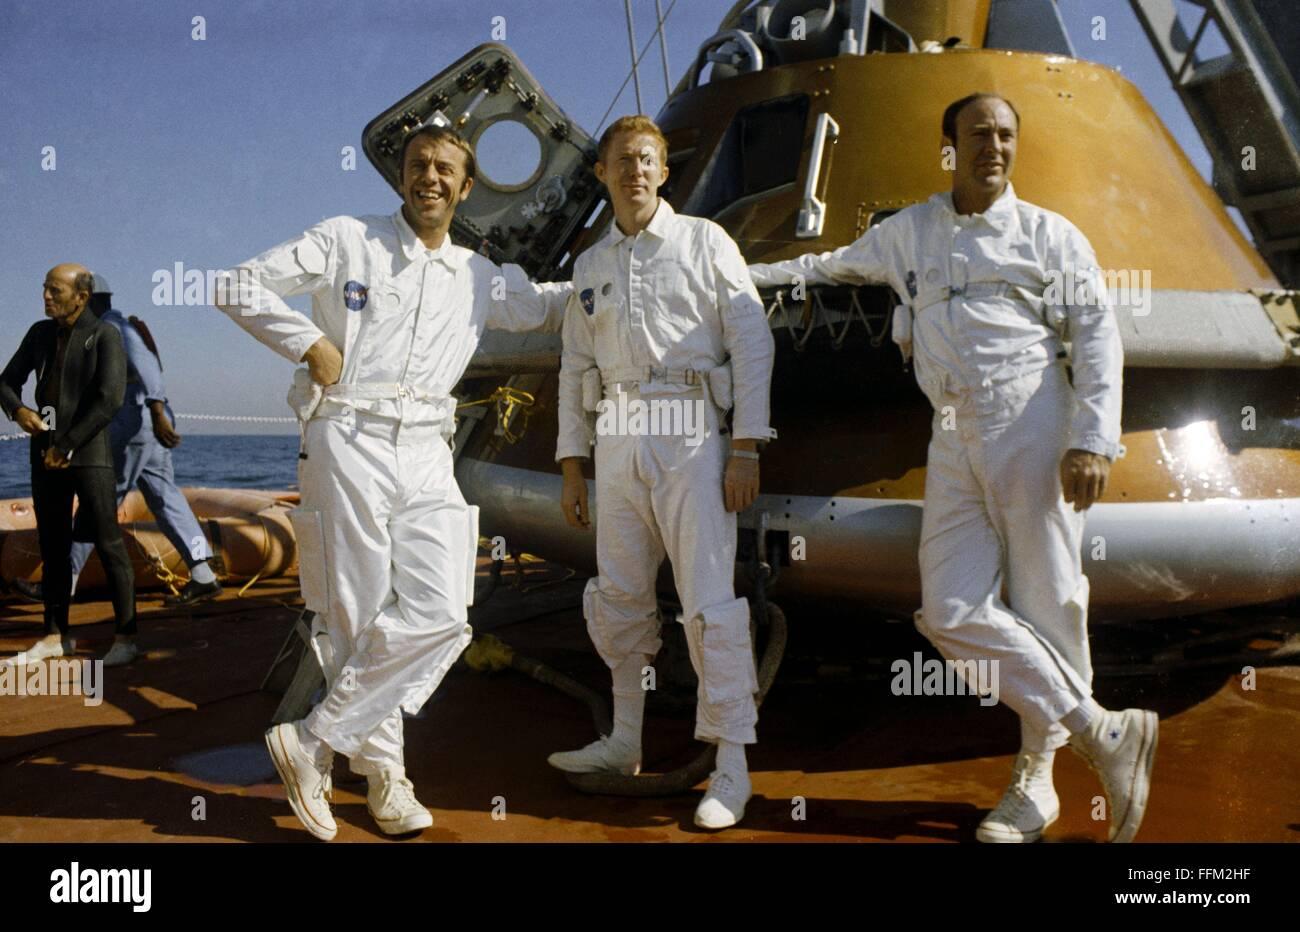 nasa apollo astronauts - photo #45